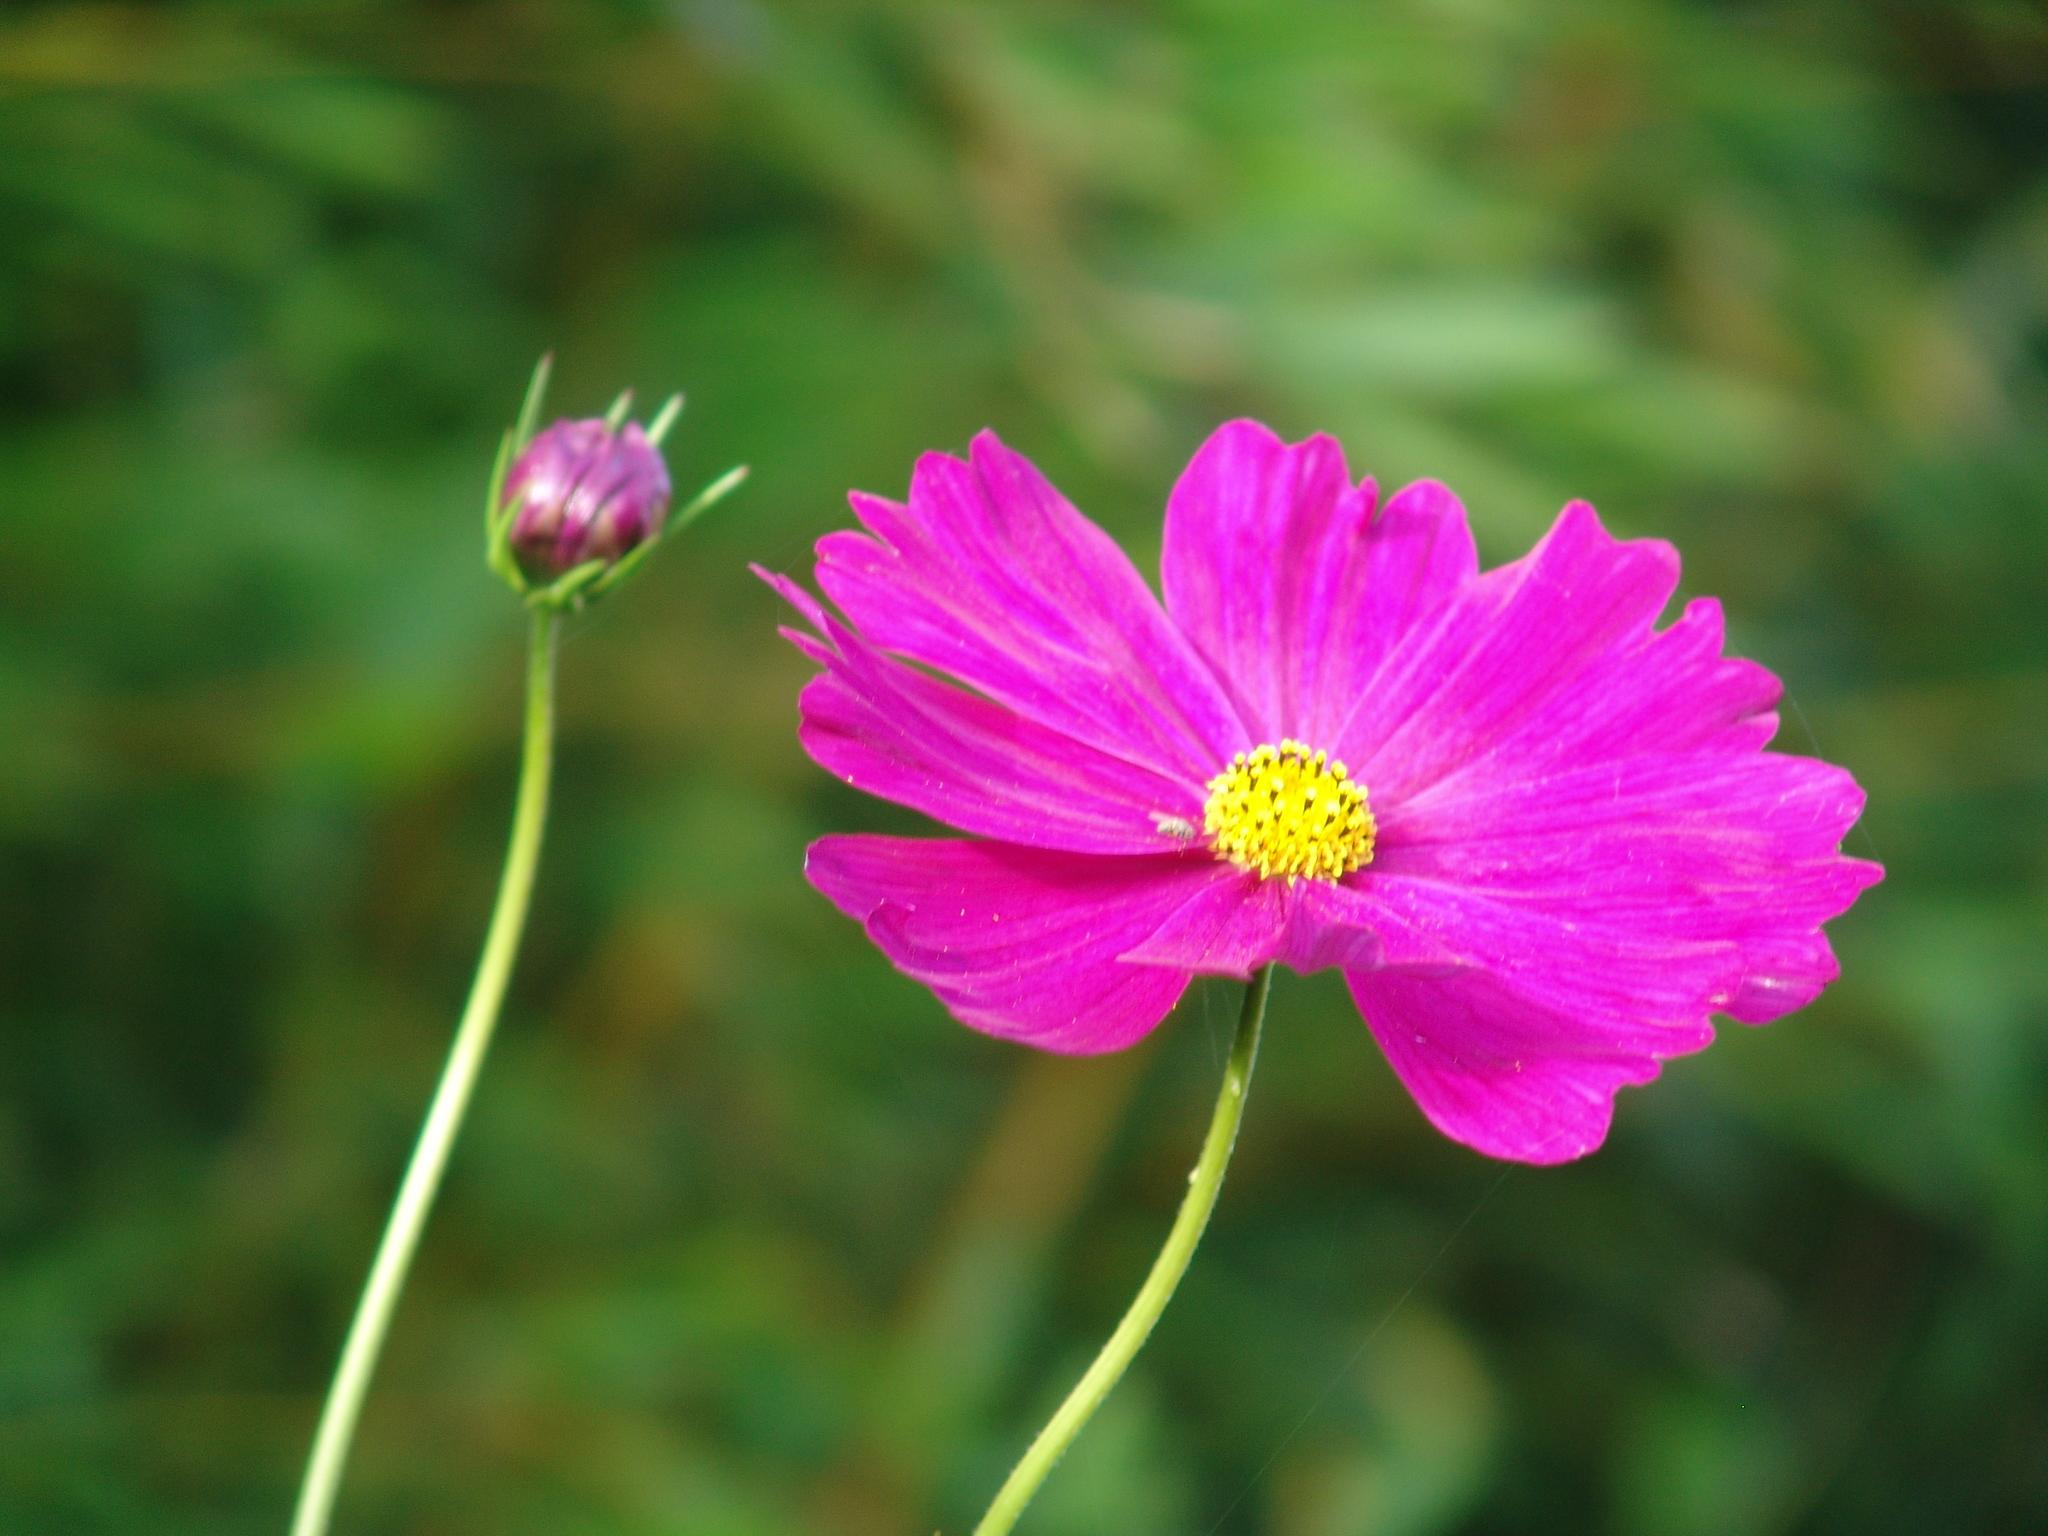 Retraite Innerlijke schoonheid